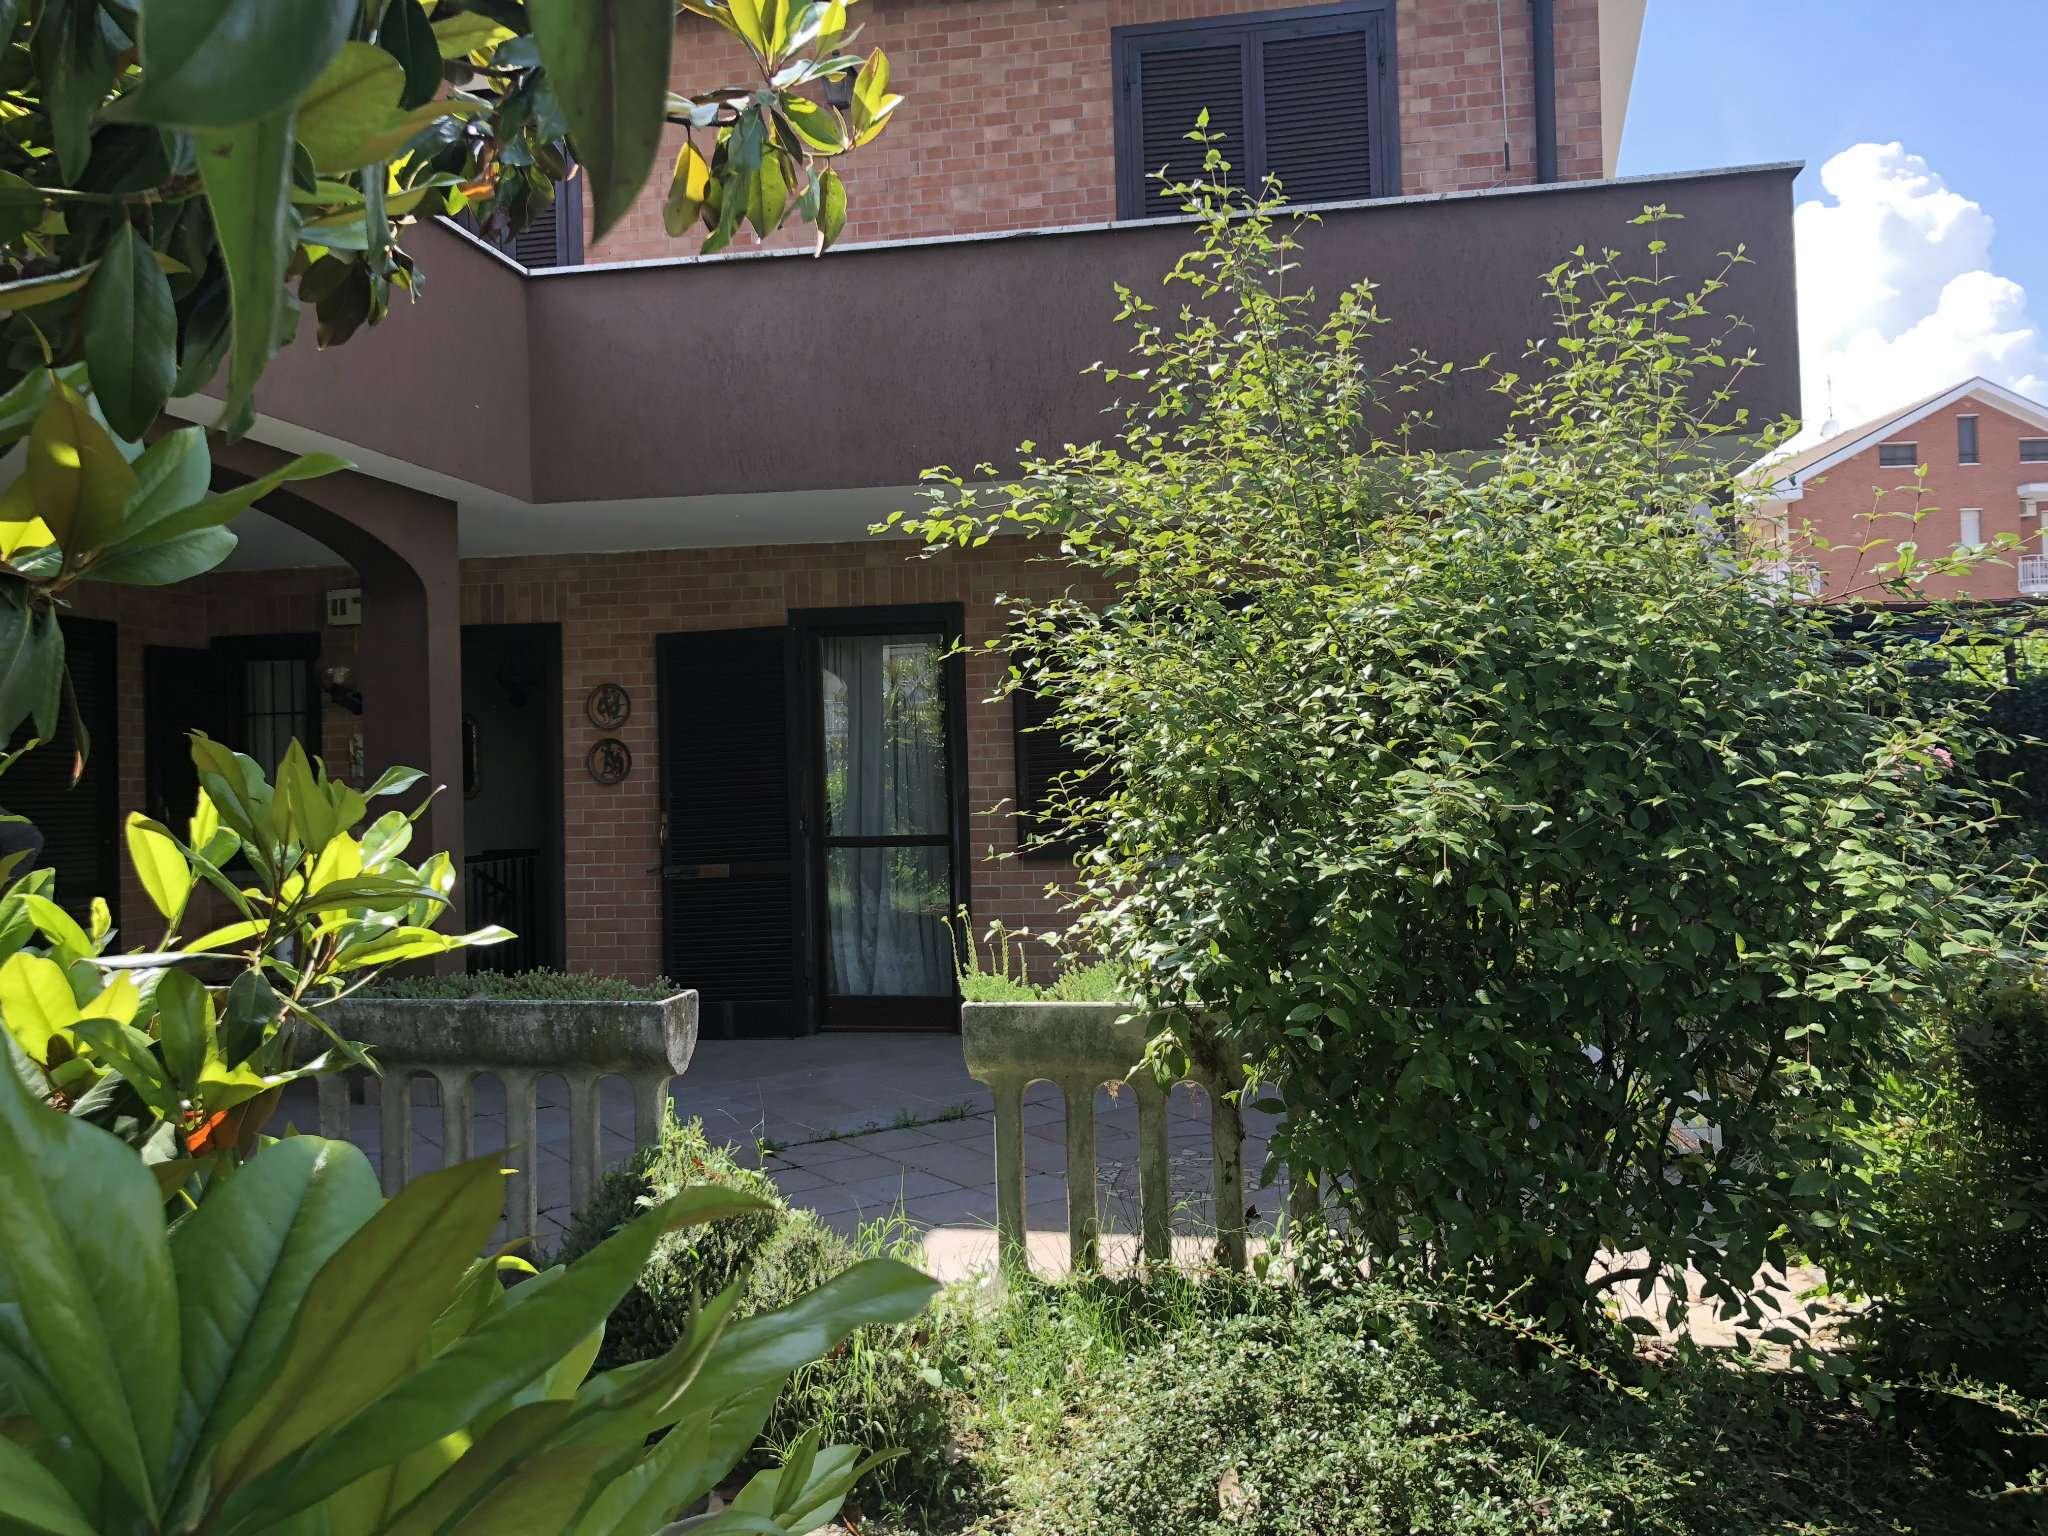 Appartamento in vendita a Santena, 4 locali, prezzo € 190.000 | PortaleAgenzieImmobiliari.it